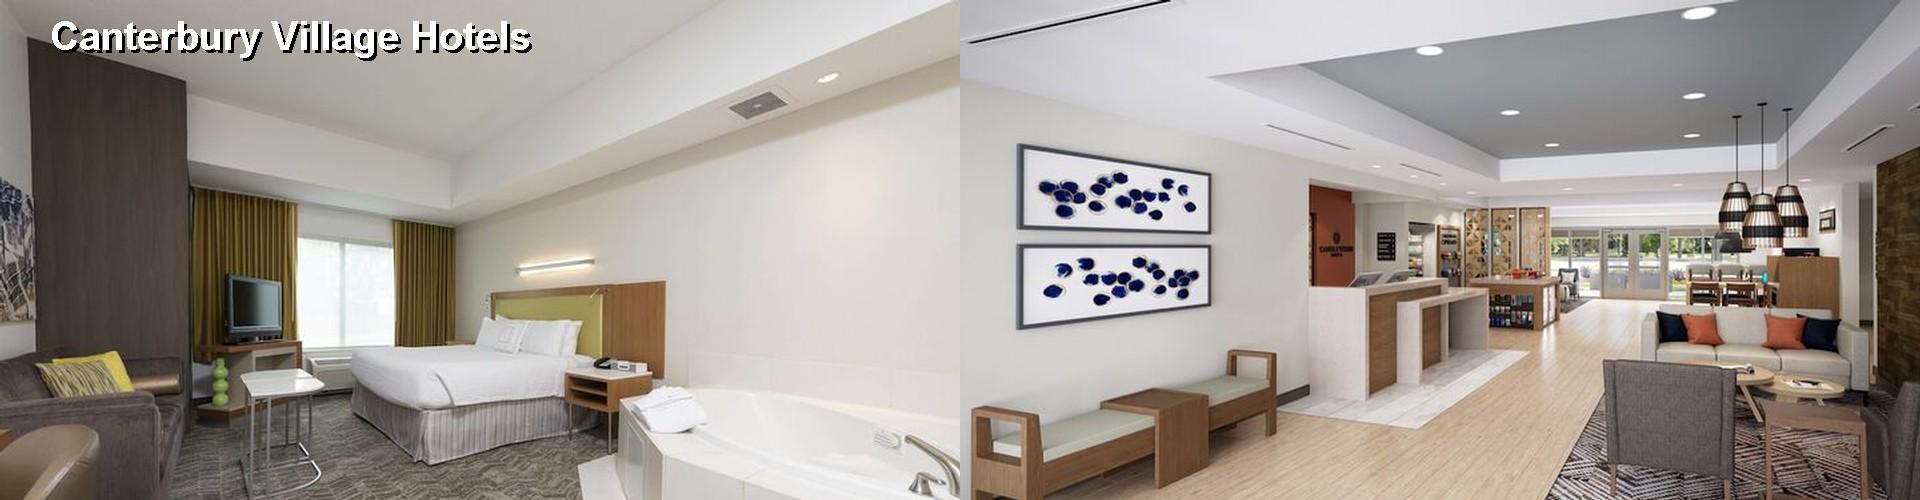 5 Best Hotels Near Canterbury Village